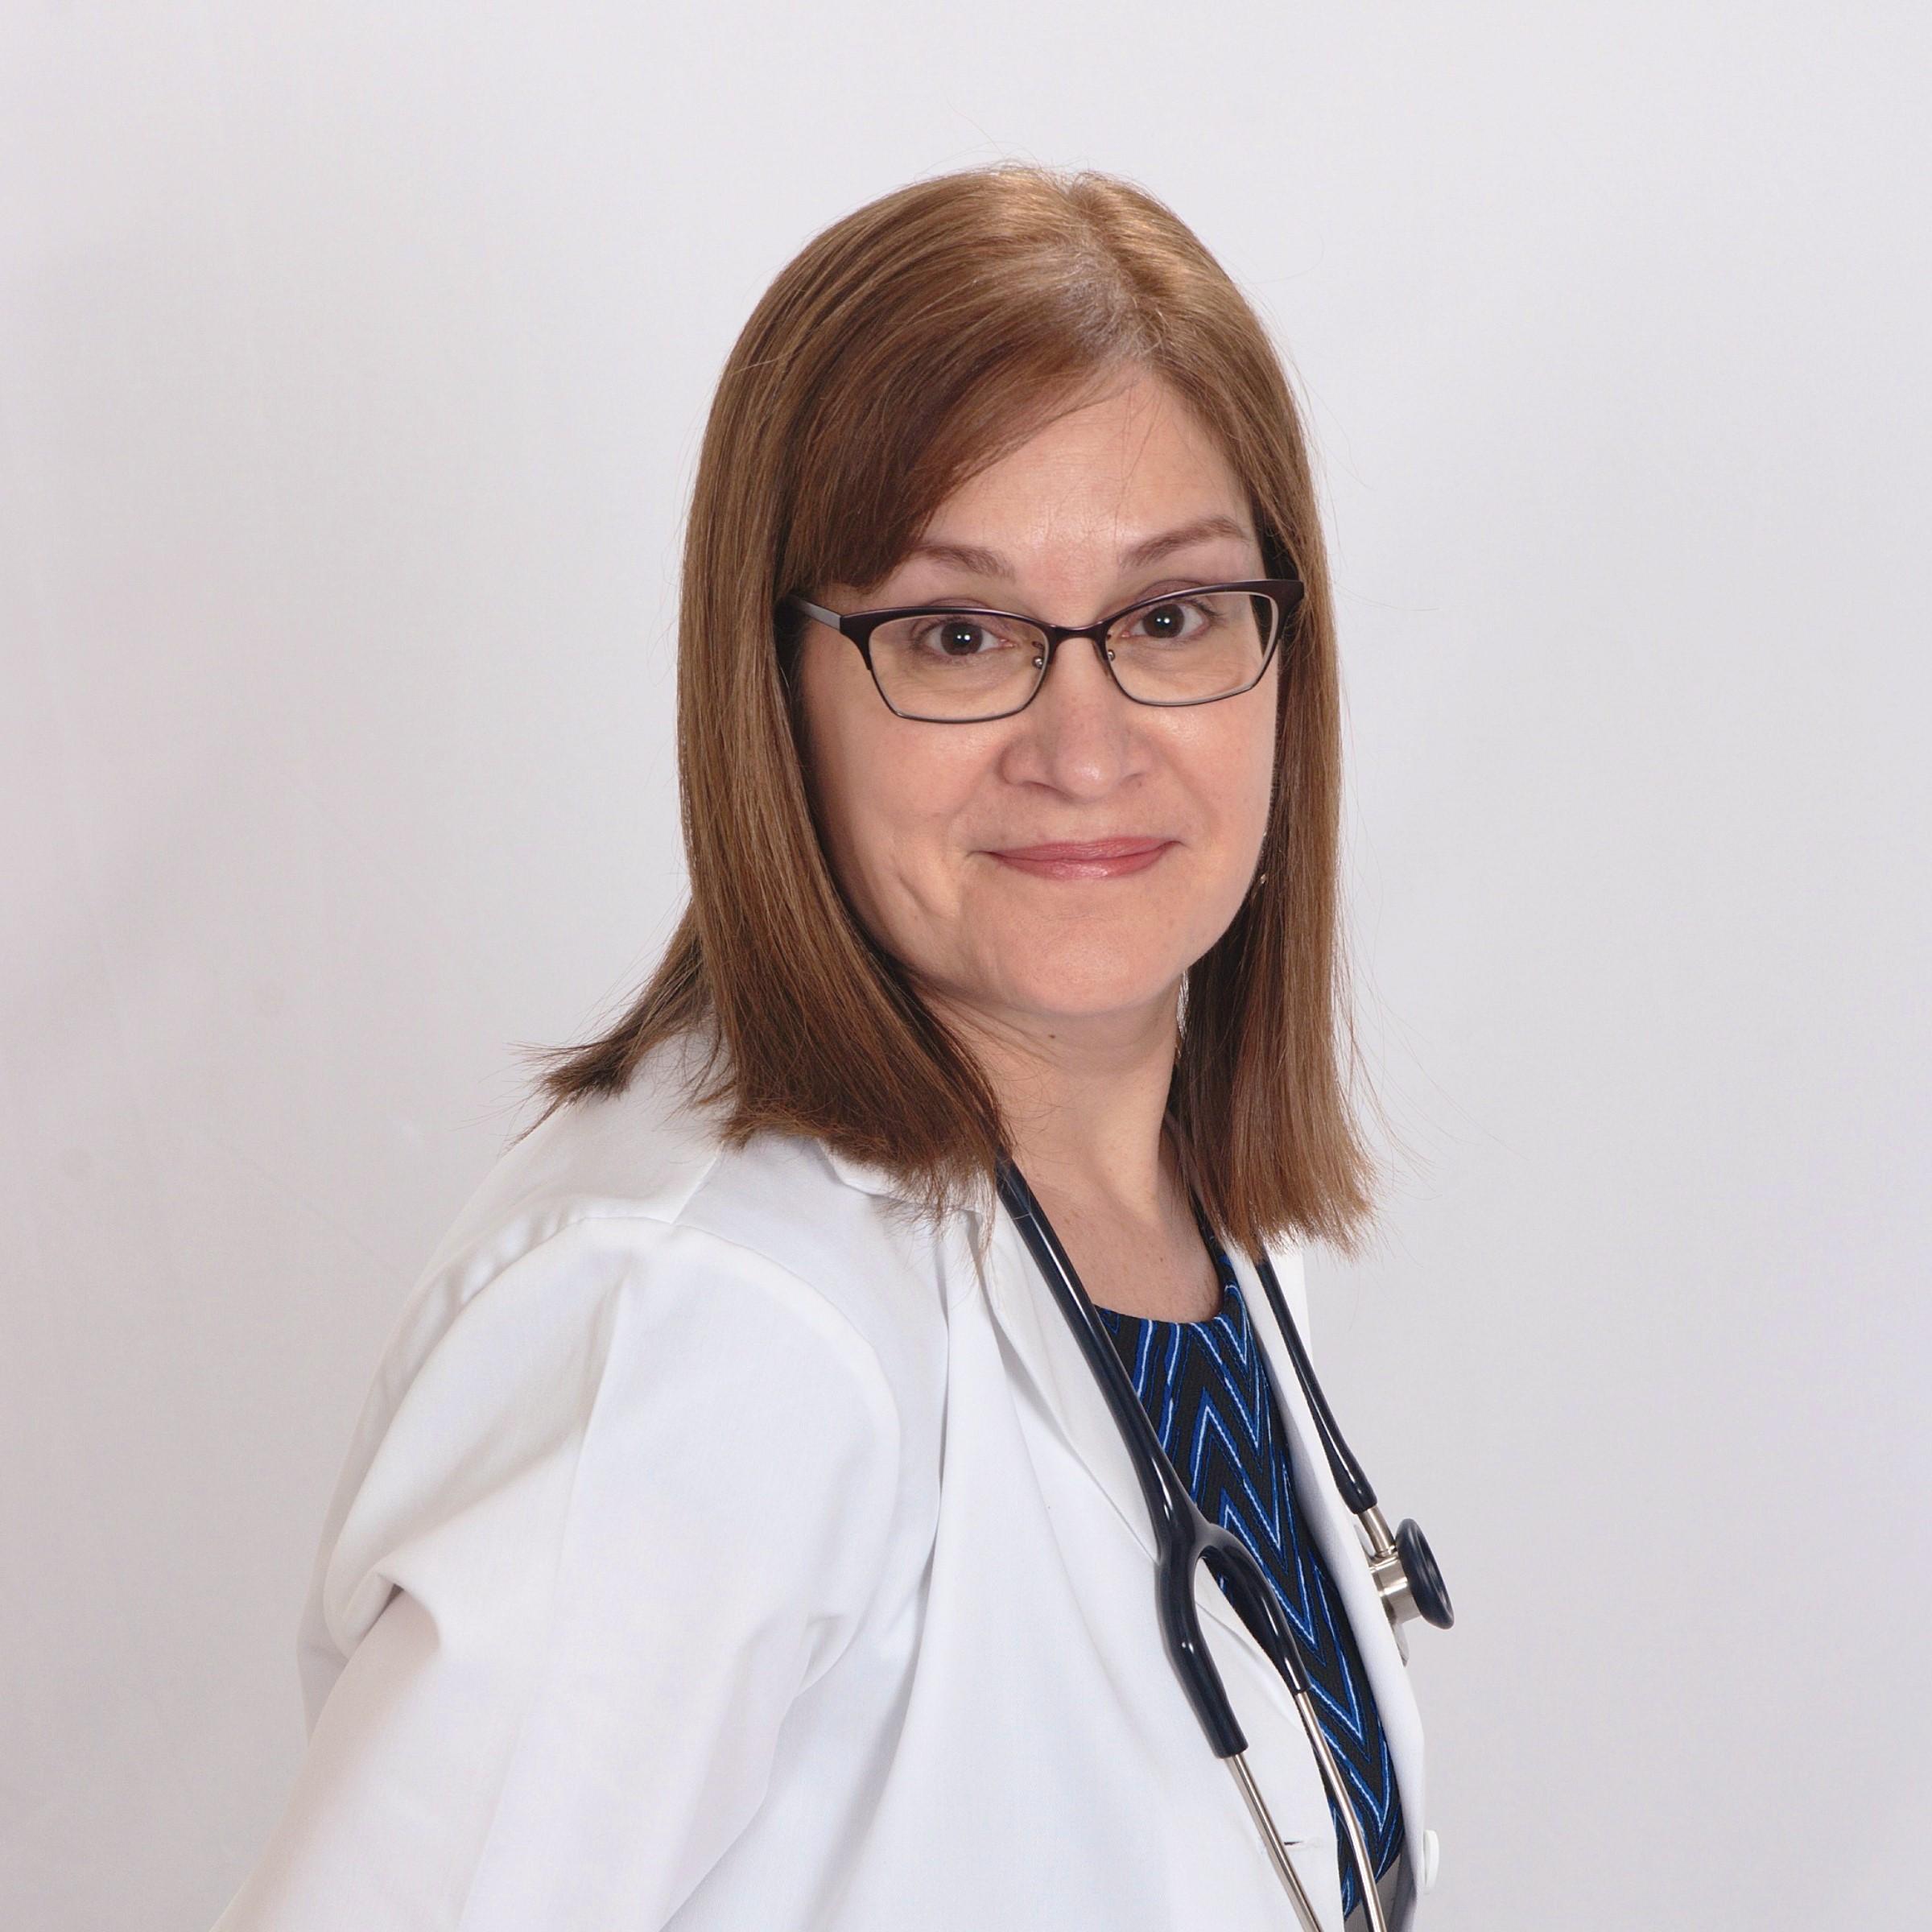 Dr. Tina M. St. John